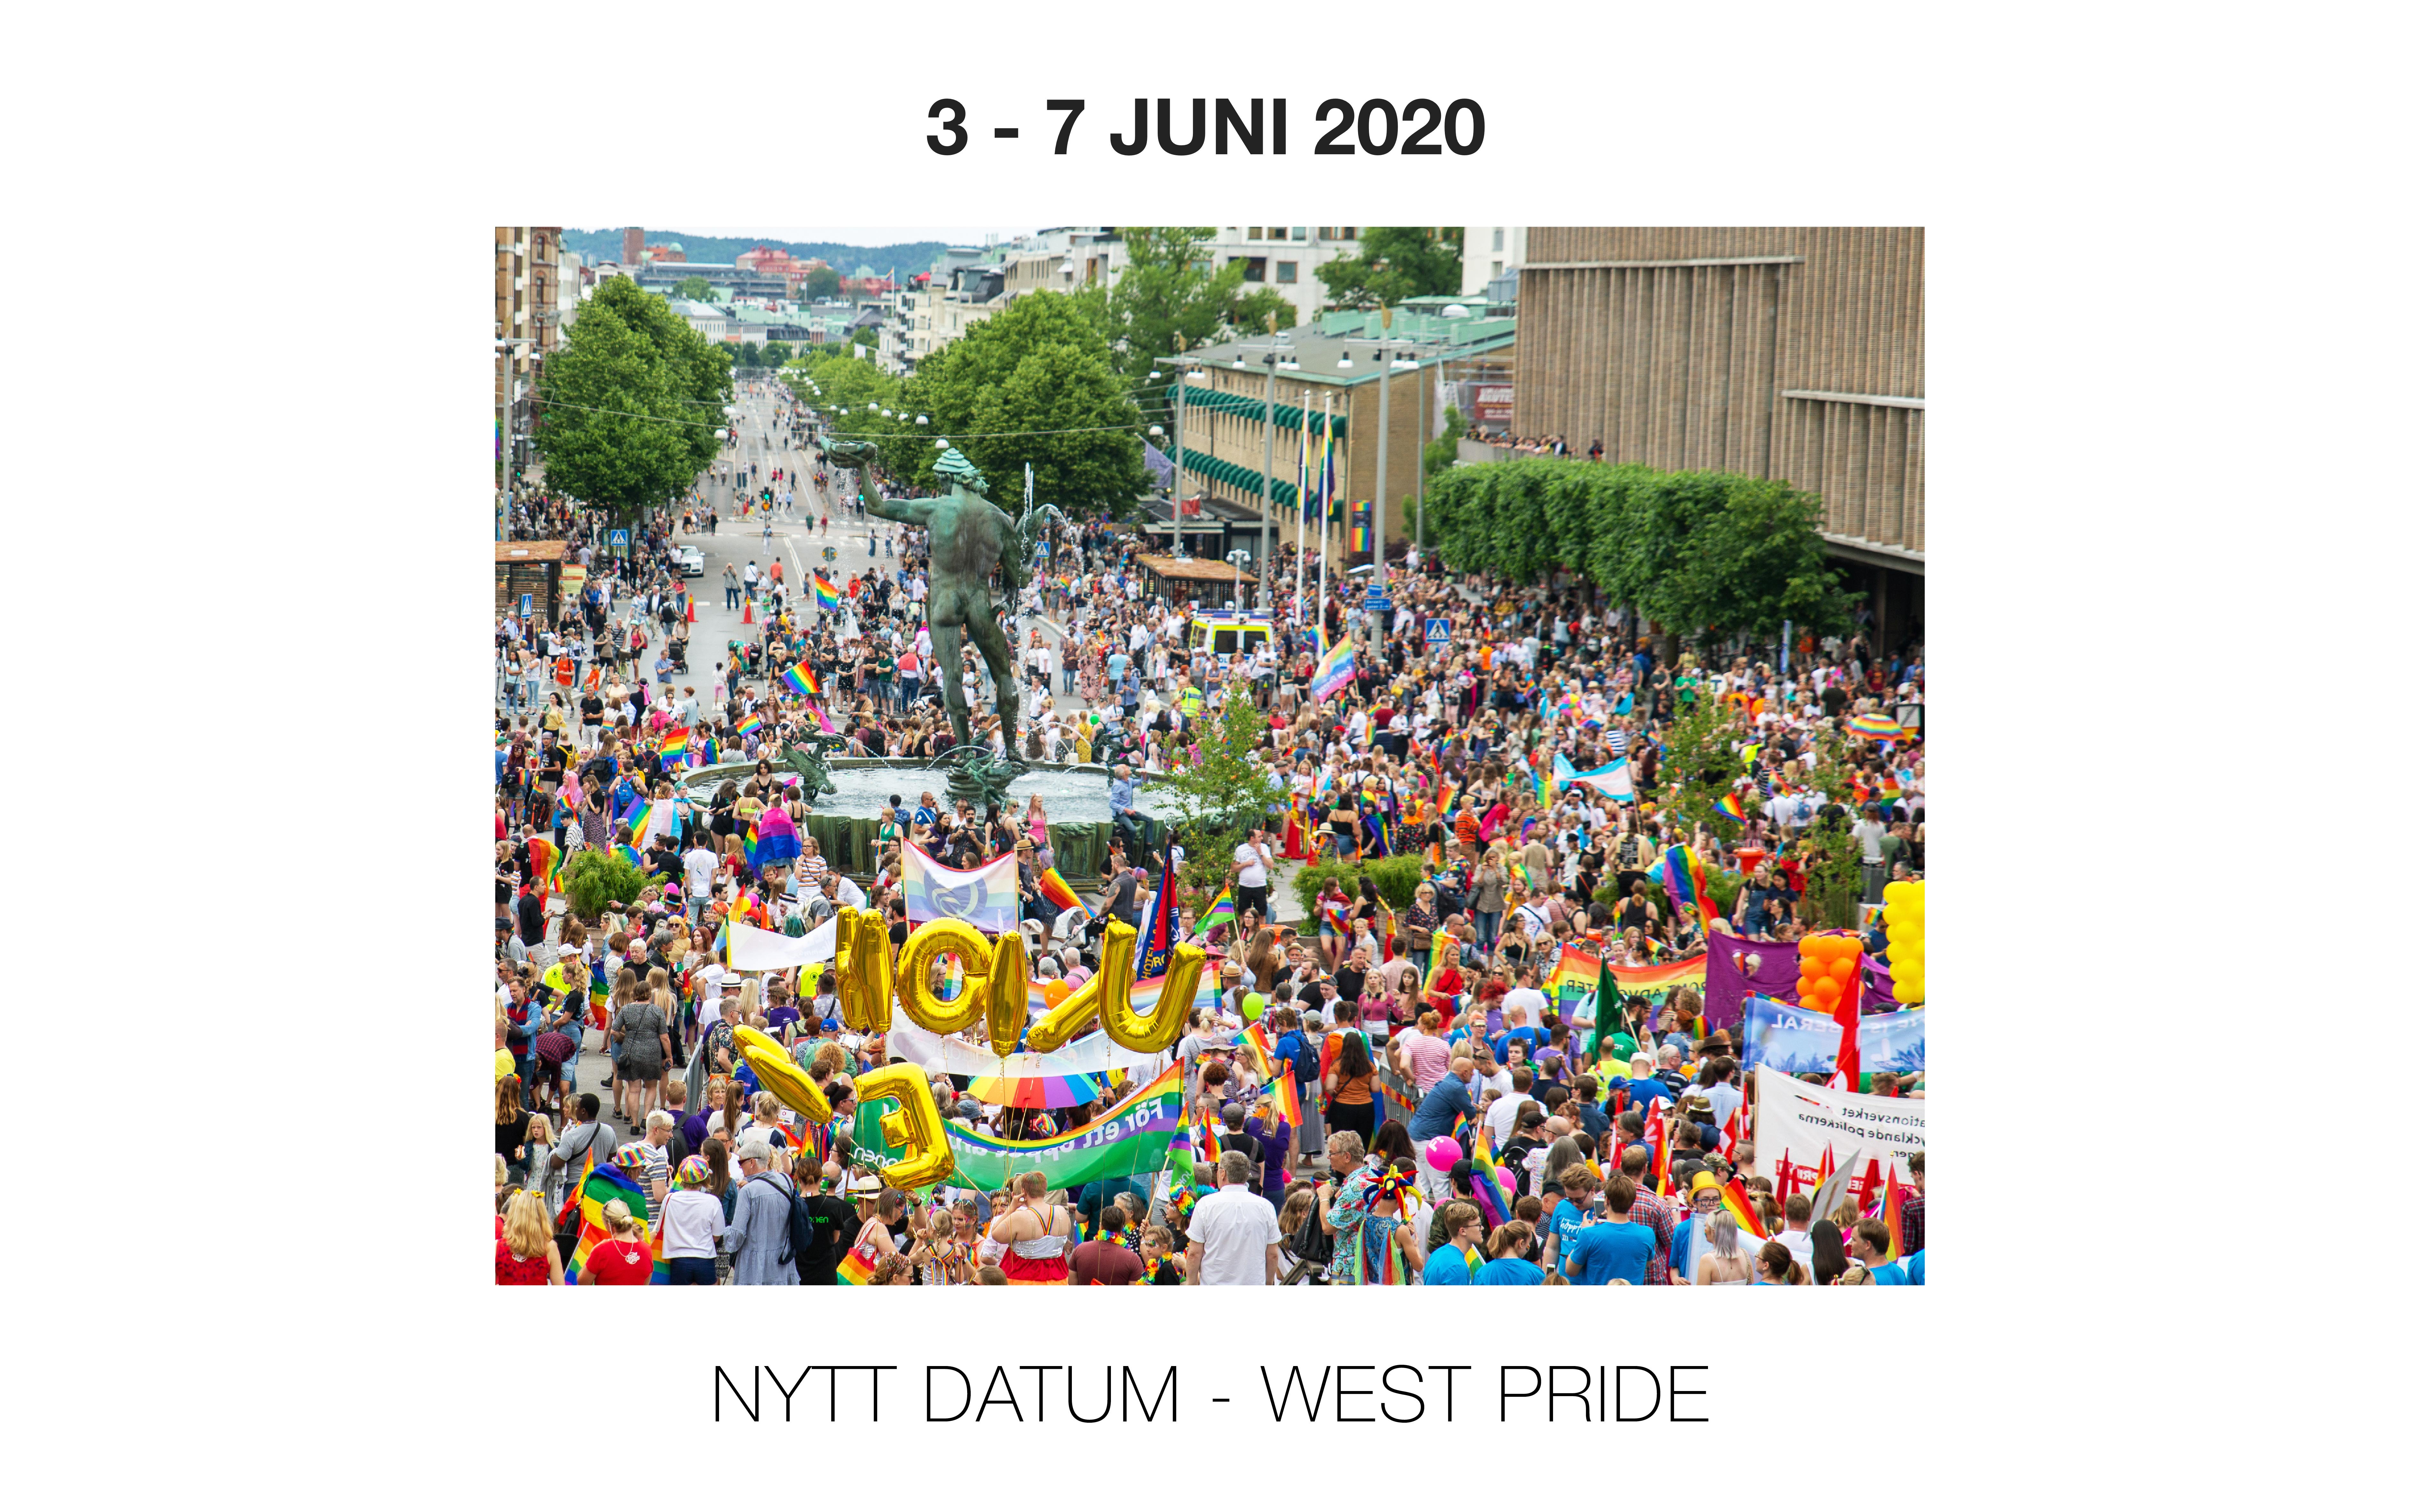 West Pride flyttar sin festival till förmån för Håkan Hellström-kärlek